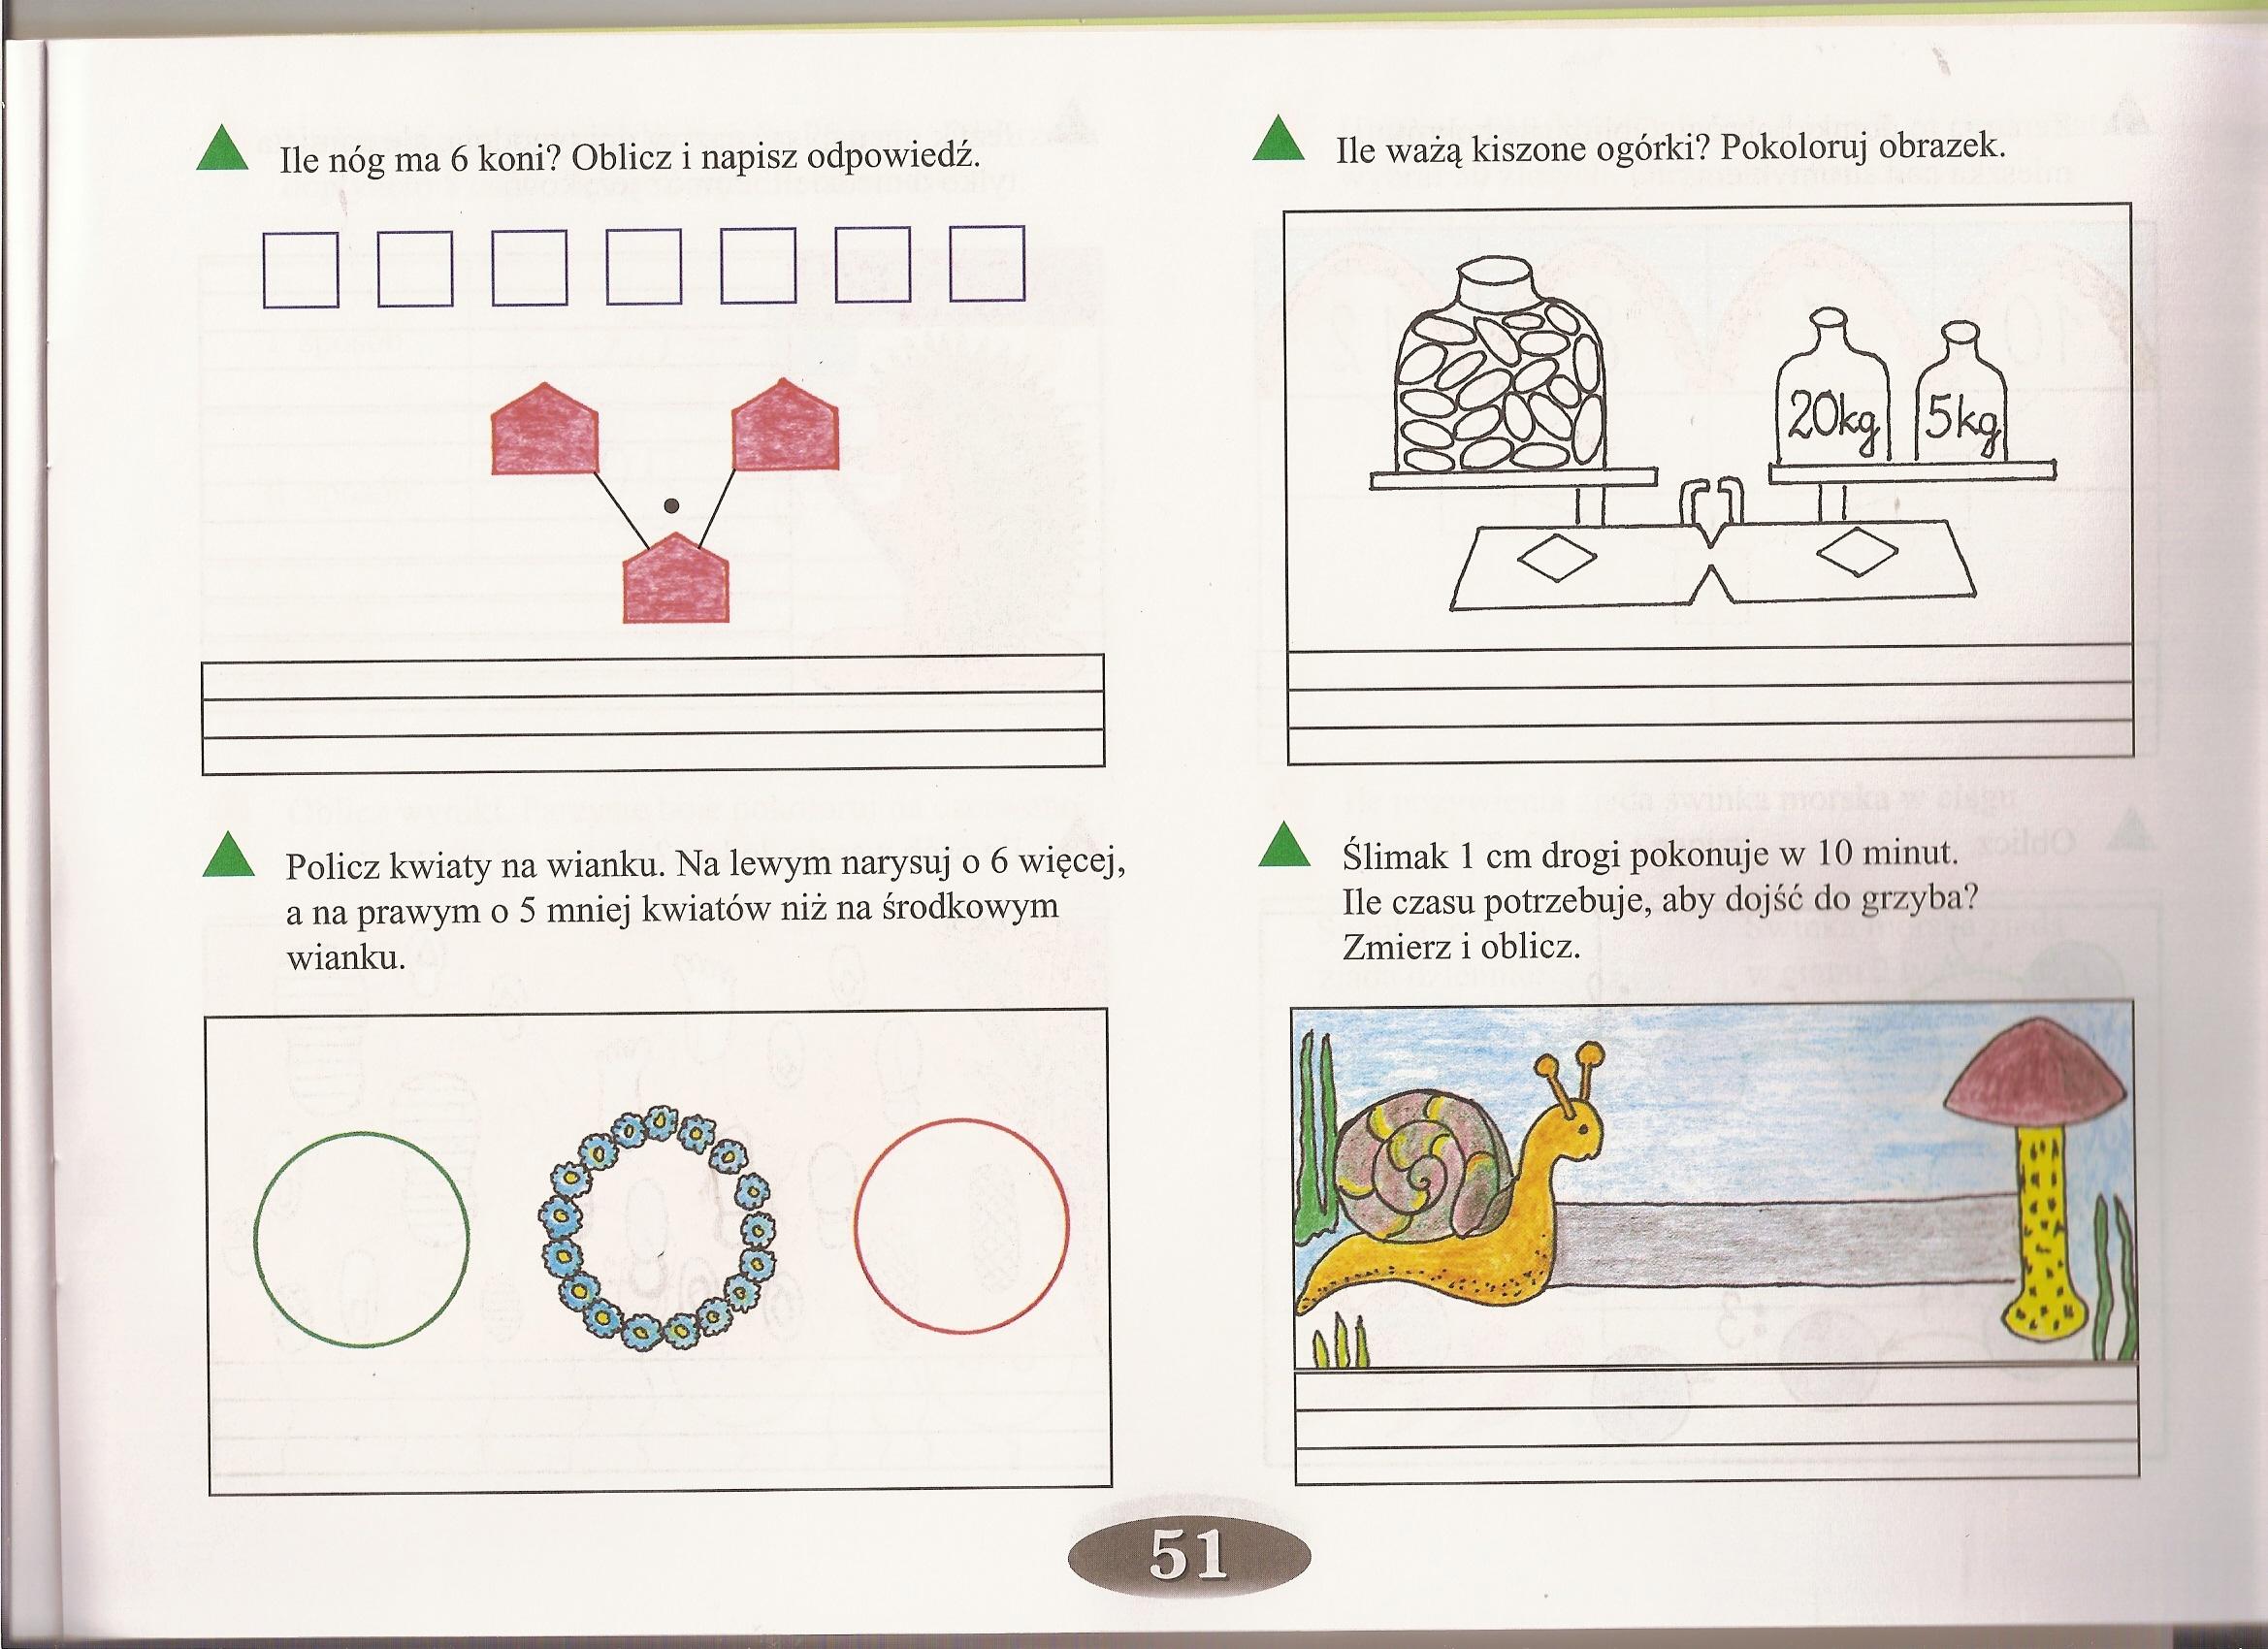 Zadanie 6 Strona 196 Matematyka Cwiczenia Ortograficzne I Matematyczne Dla Mcodszych Dzieci